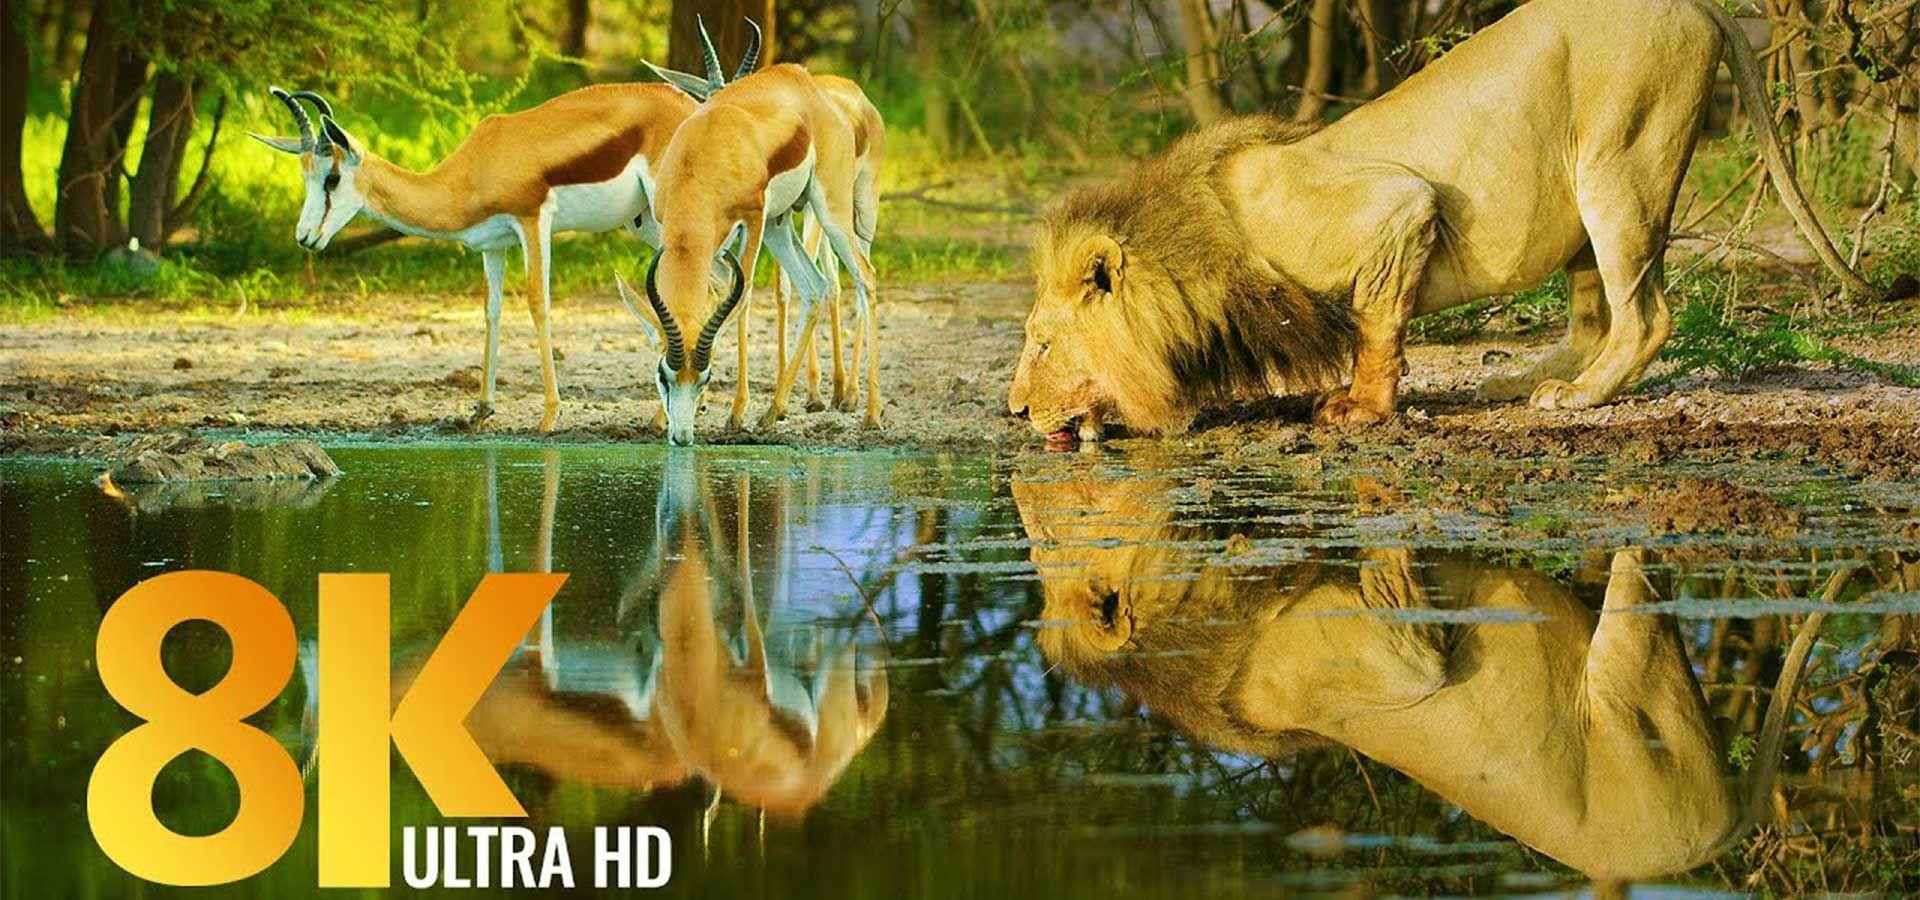 Botsvana'nın Muhteşem Vahşi Yaşamı